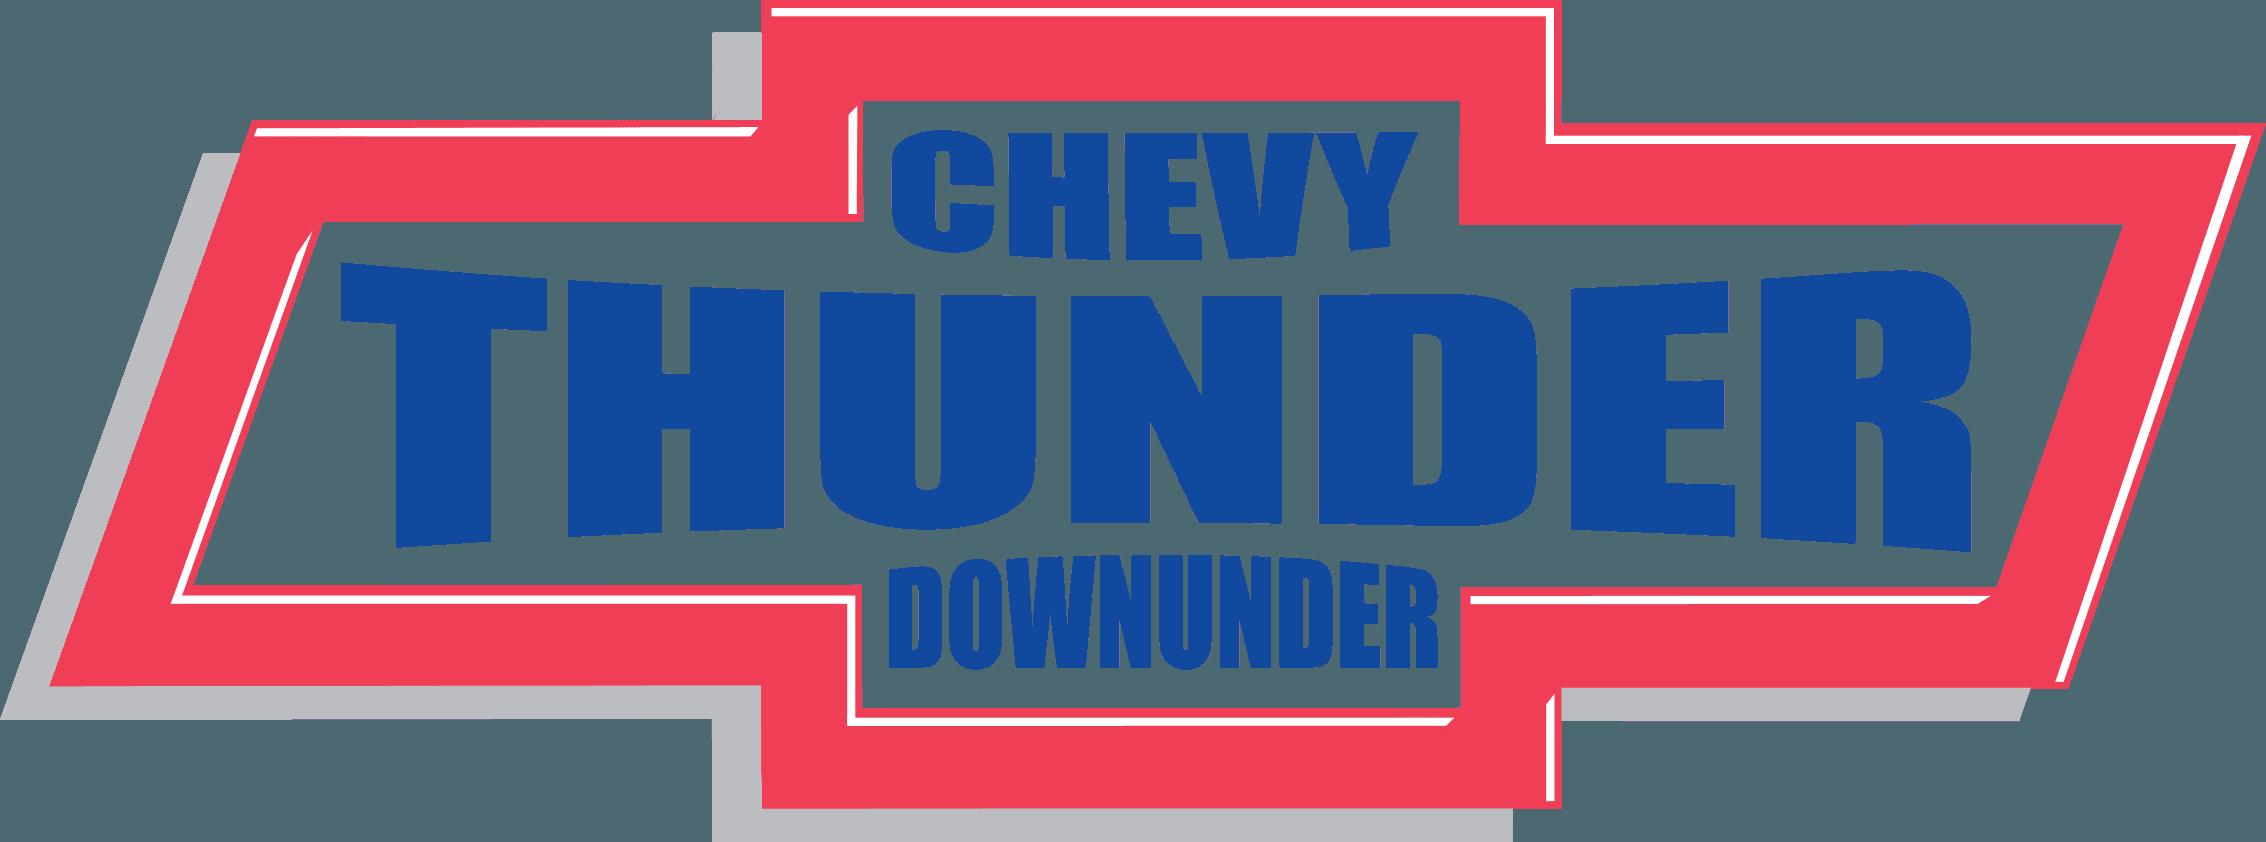 Chevy thunder downunder logo